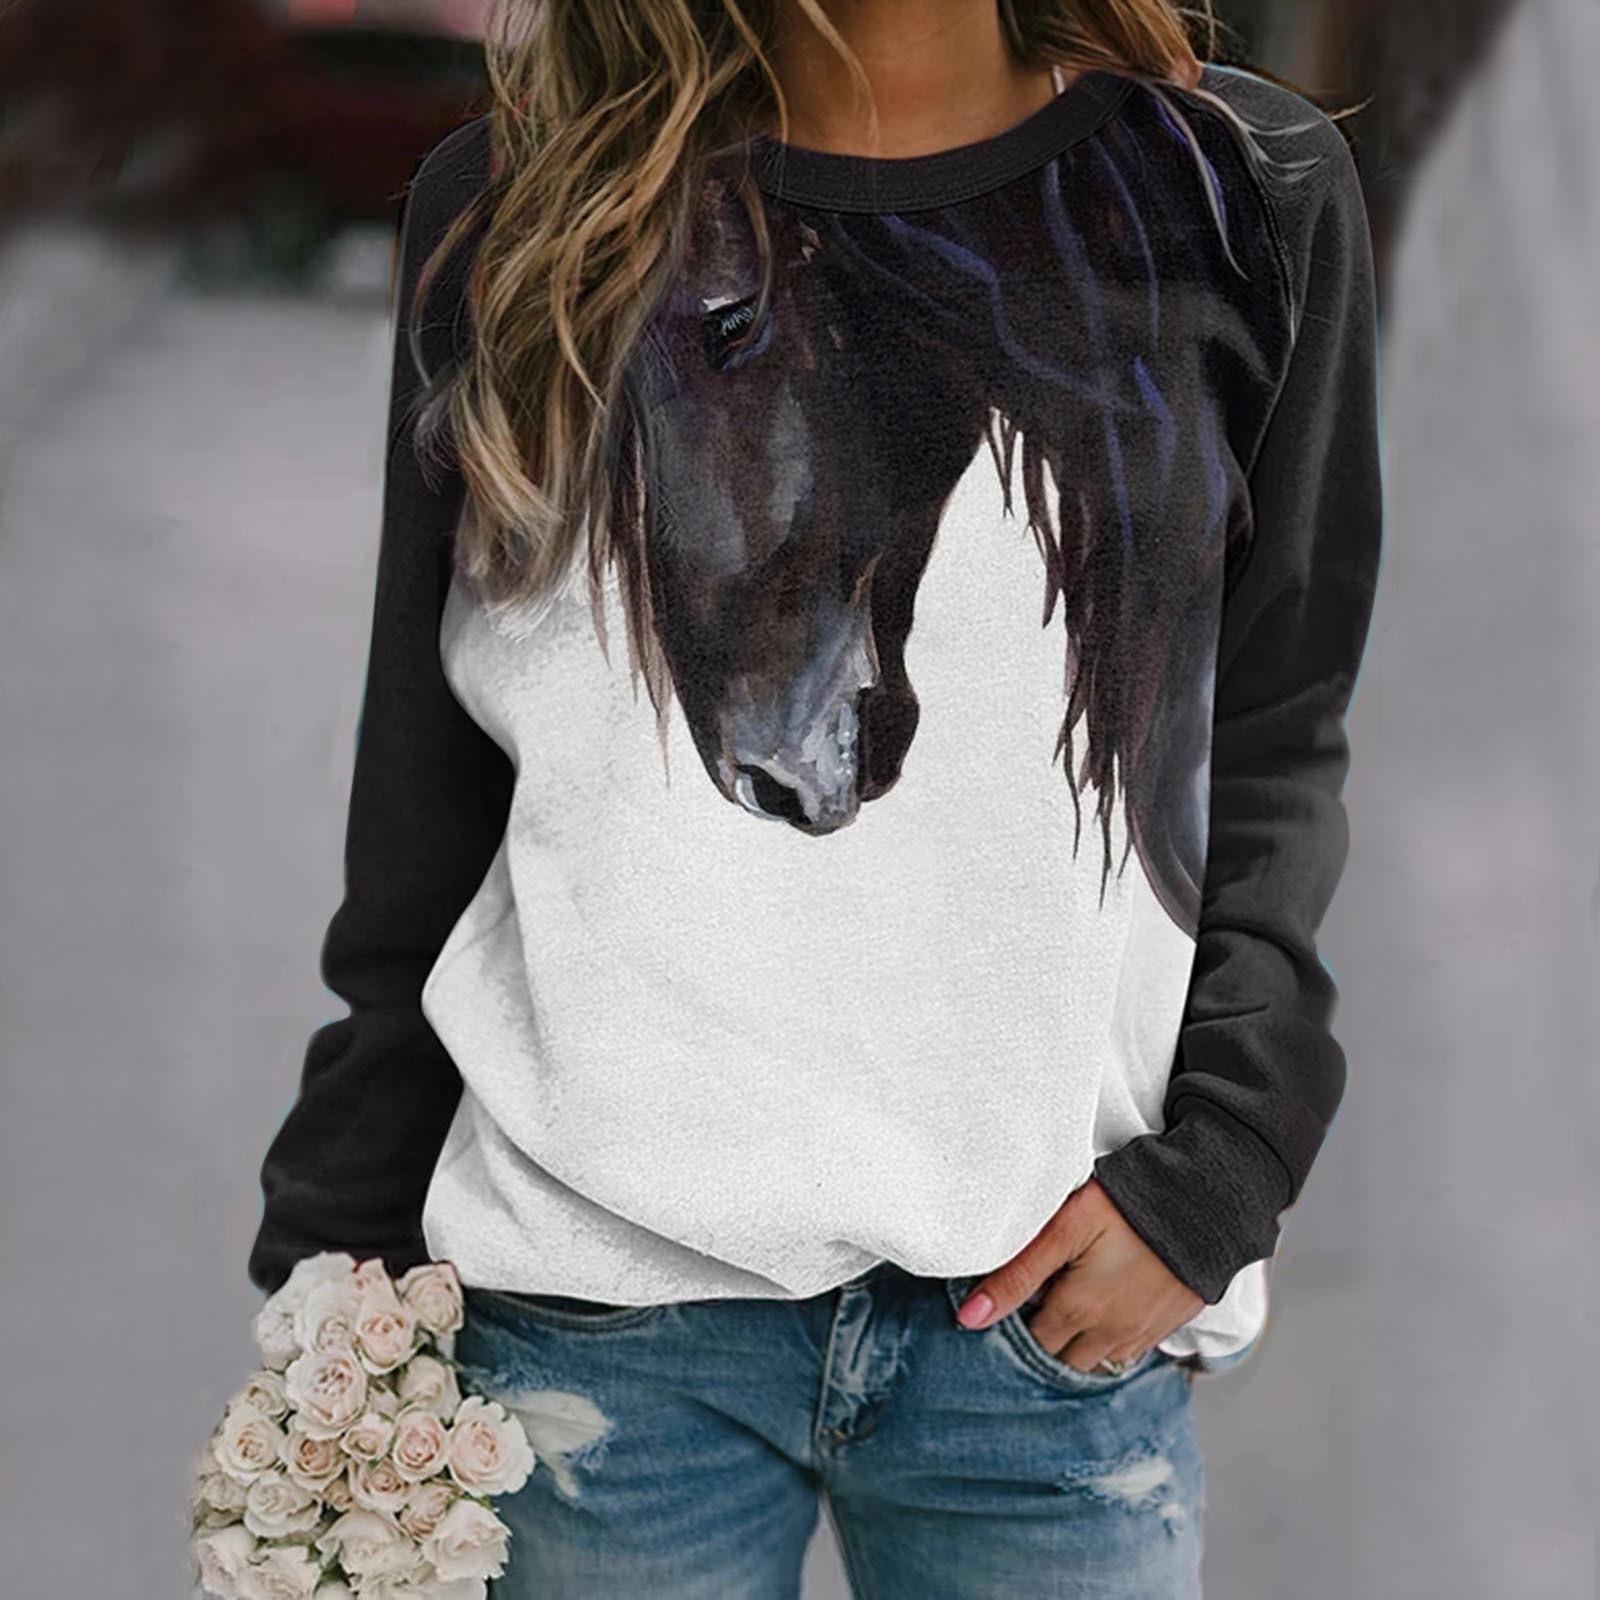 40 # das mulheres Camisetas O Pescoço Cavalo Impressão Splicing Mangas Longas Ao Ar Livre T-shirt das Mulheres Encabeça Футболка Женская Poleras Mujer